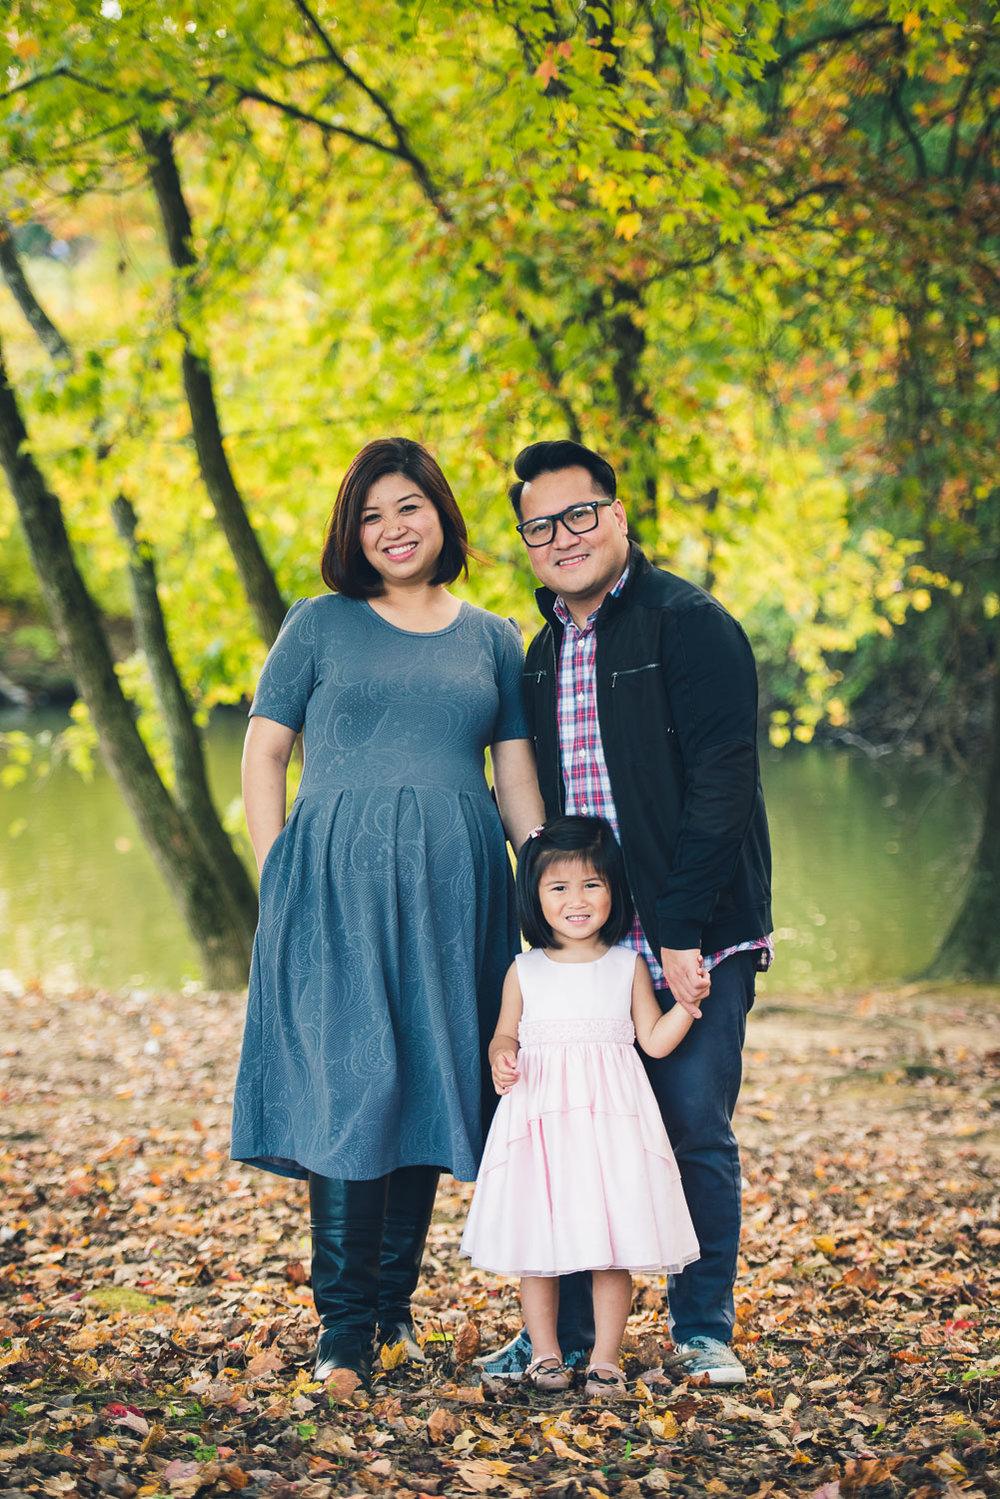 20171022 - Shiela Family LR-9.jpg